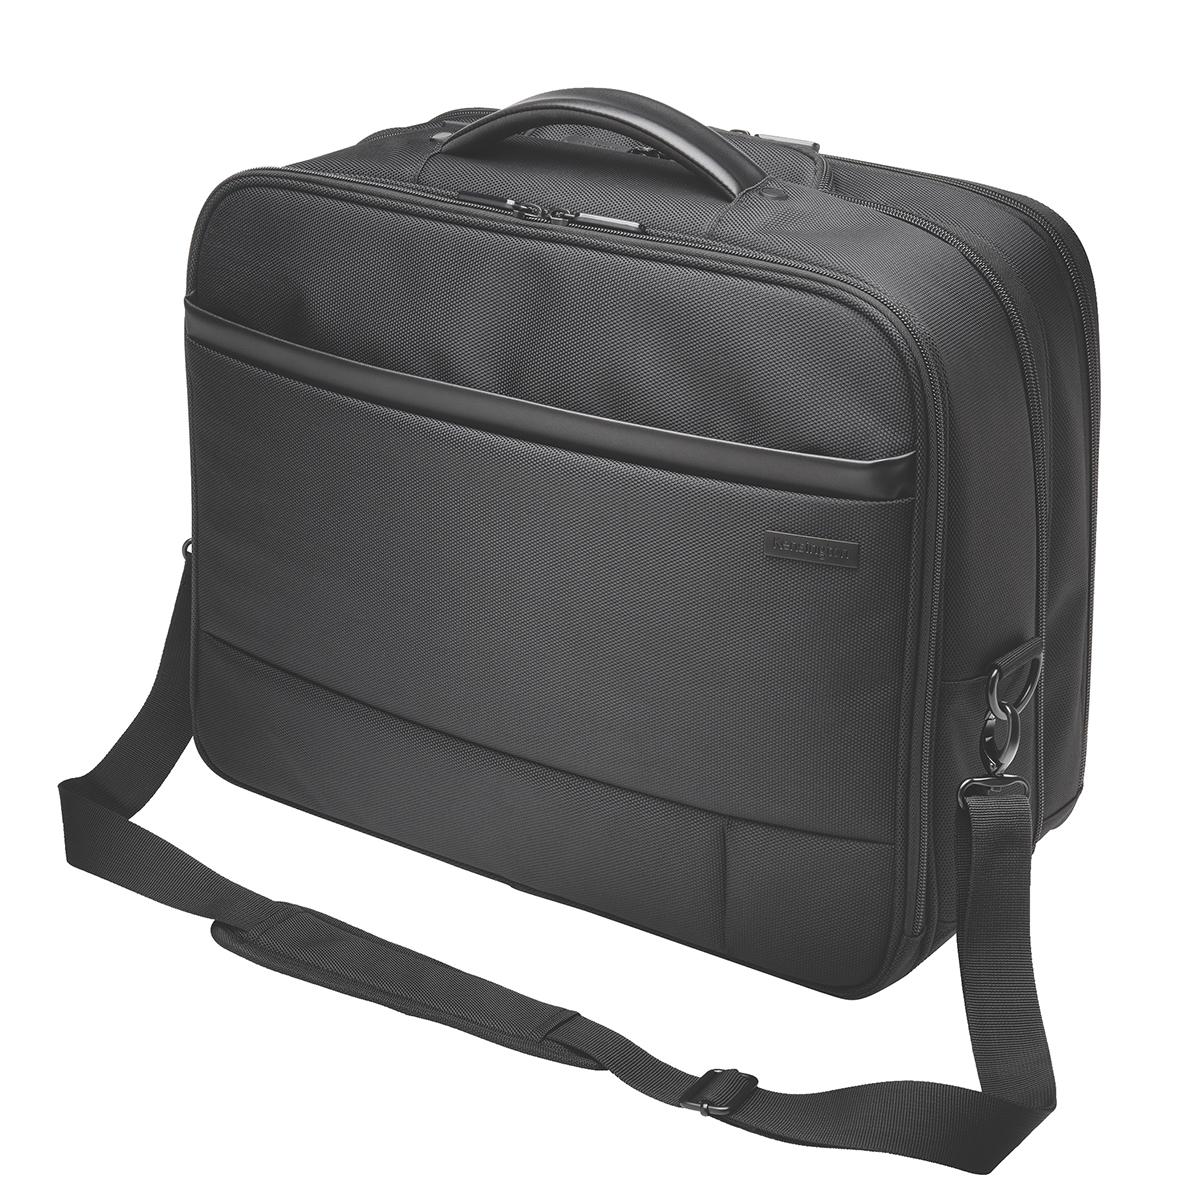 Kensington  K60385WW Contour 2.0 Business Laptop Roller